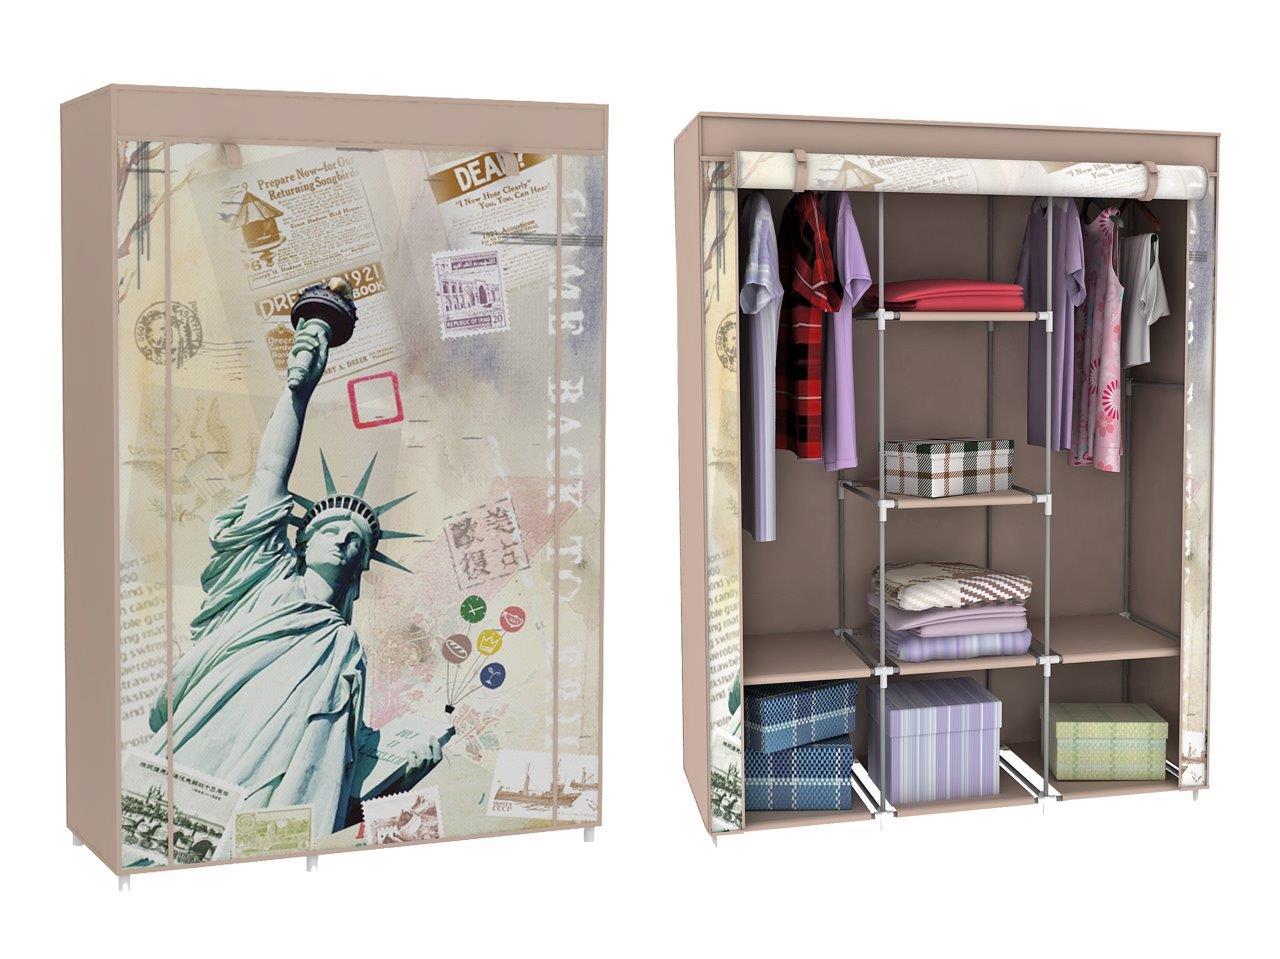 stoffschrank kleiderschrank mit freiheitsstatue motiv new. Black Bedroom Furniture Sets. Home Design Ideas